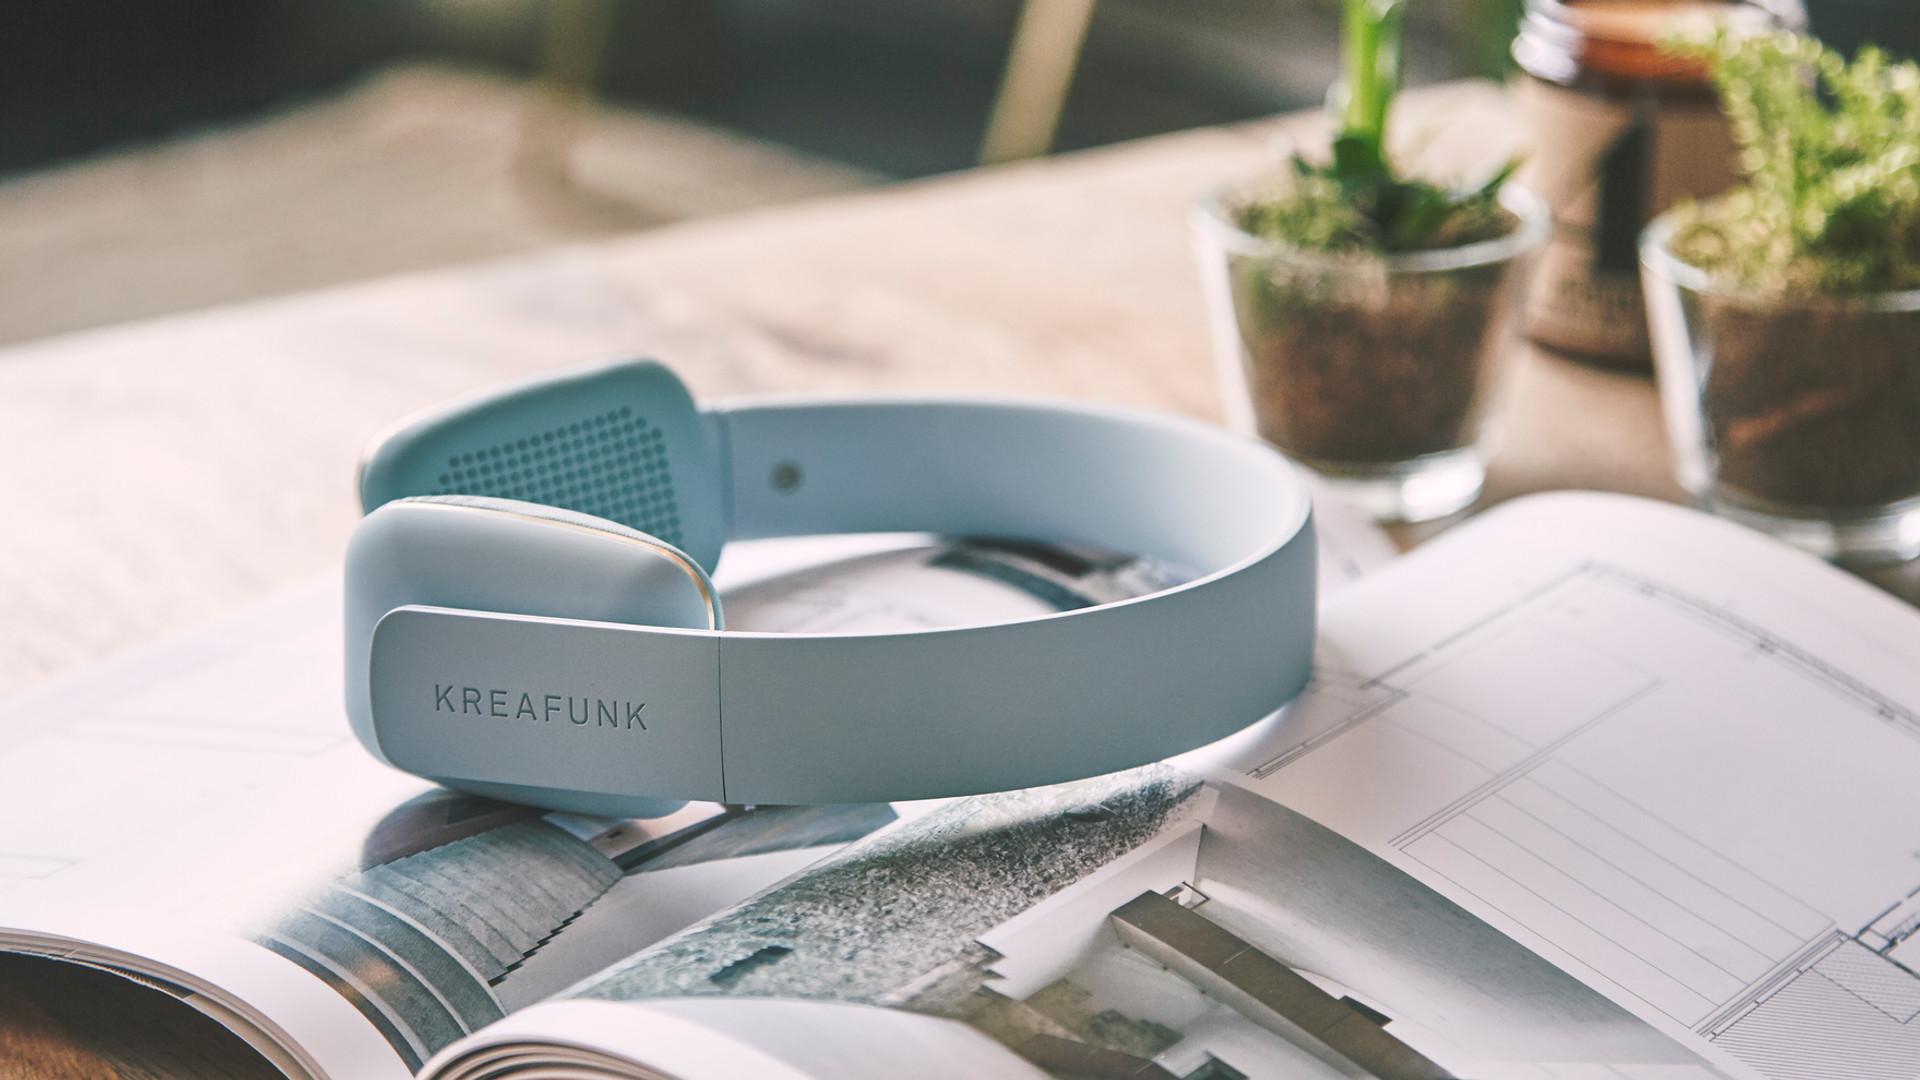 HW_Wk 4_UO Tech Kreafunk Headphones 2 of